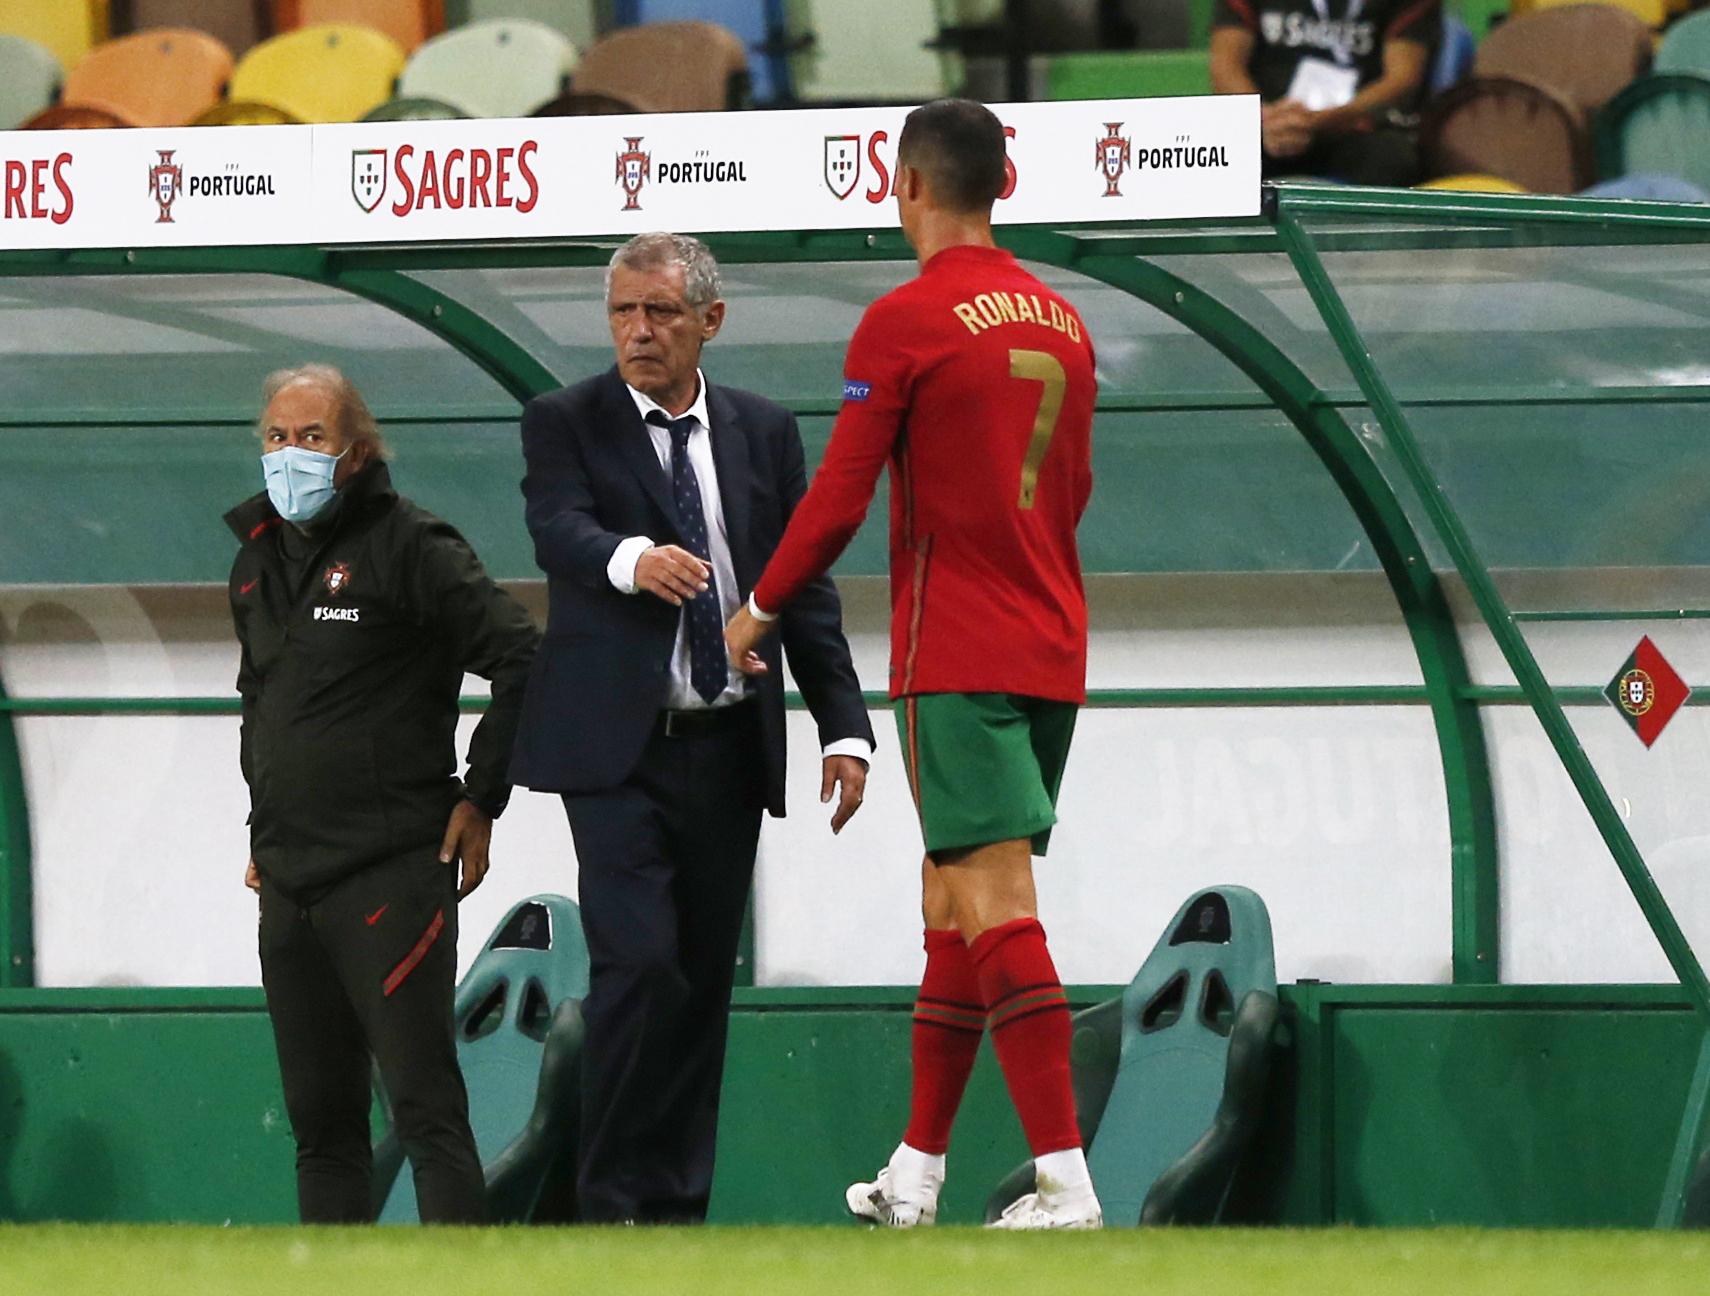 كريستيانو رونالدو مع المدرب فرناندو سانتوس